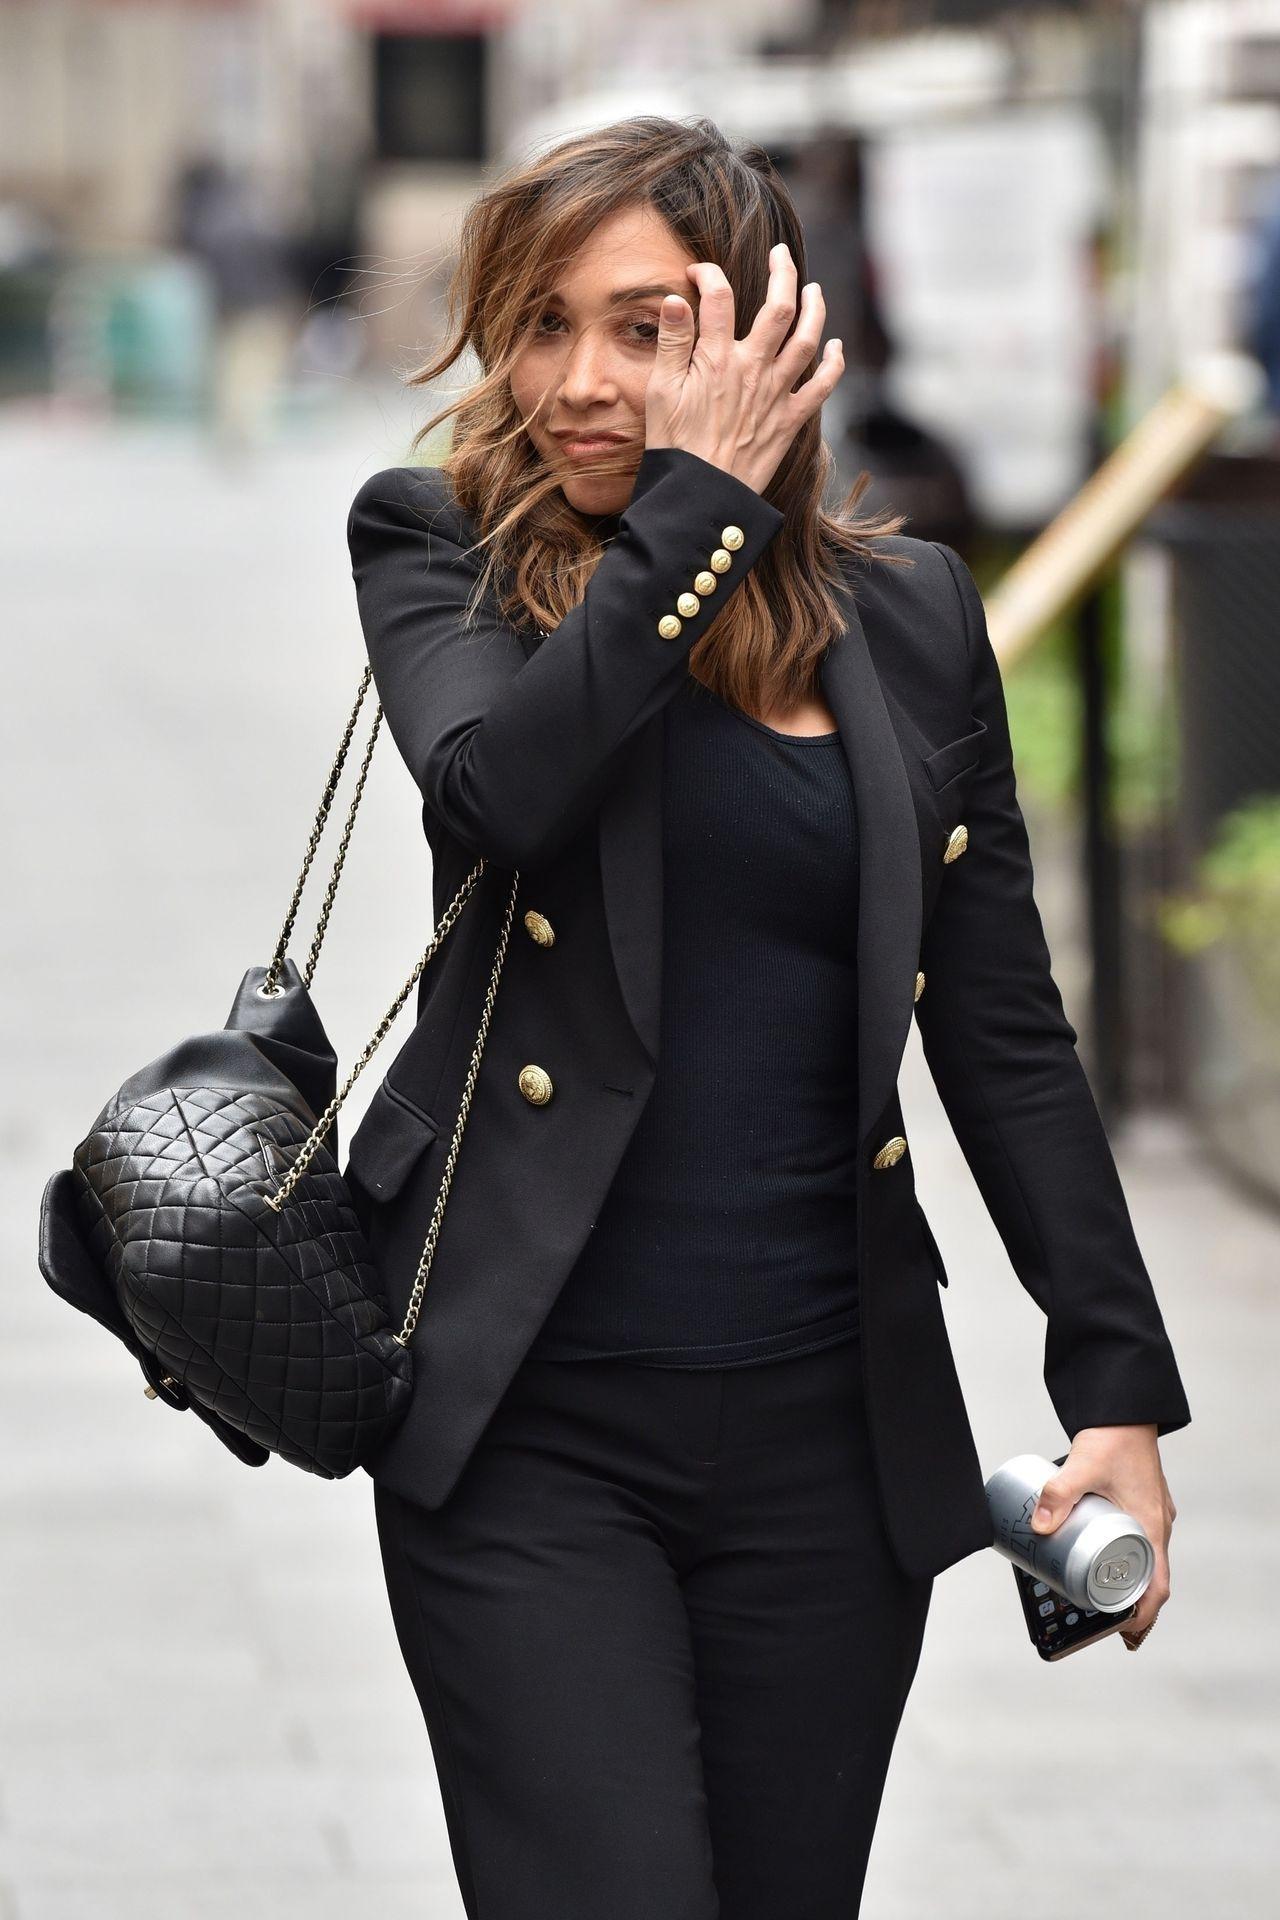 Myleene Klass Looks Hot In All Black In London 0013